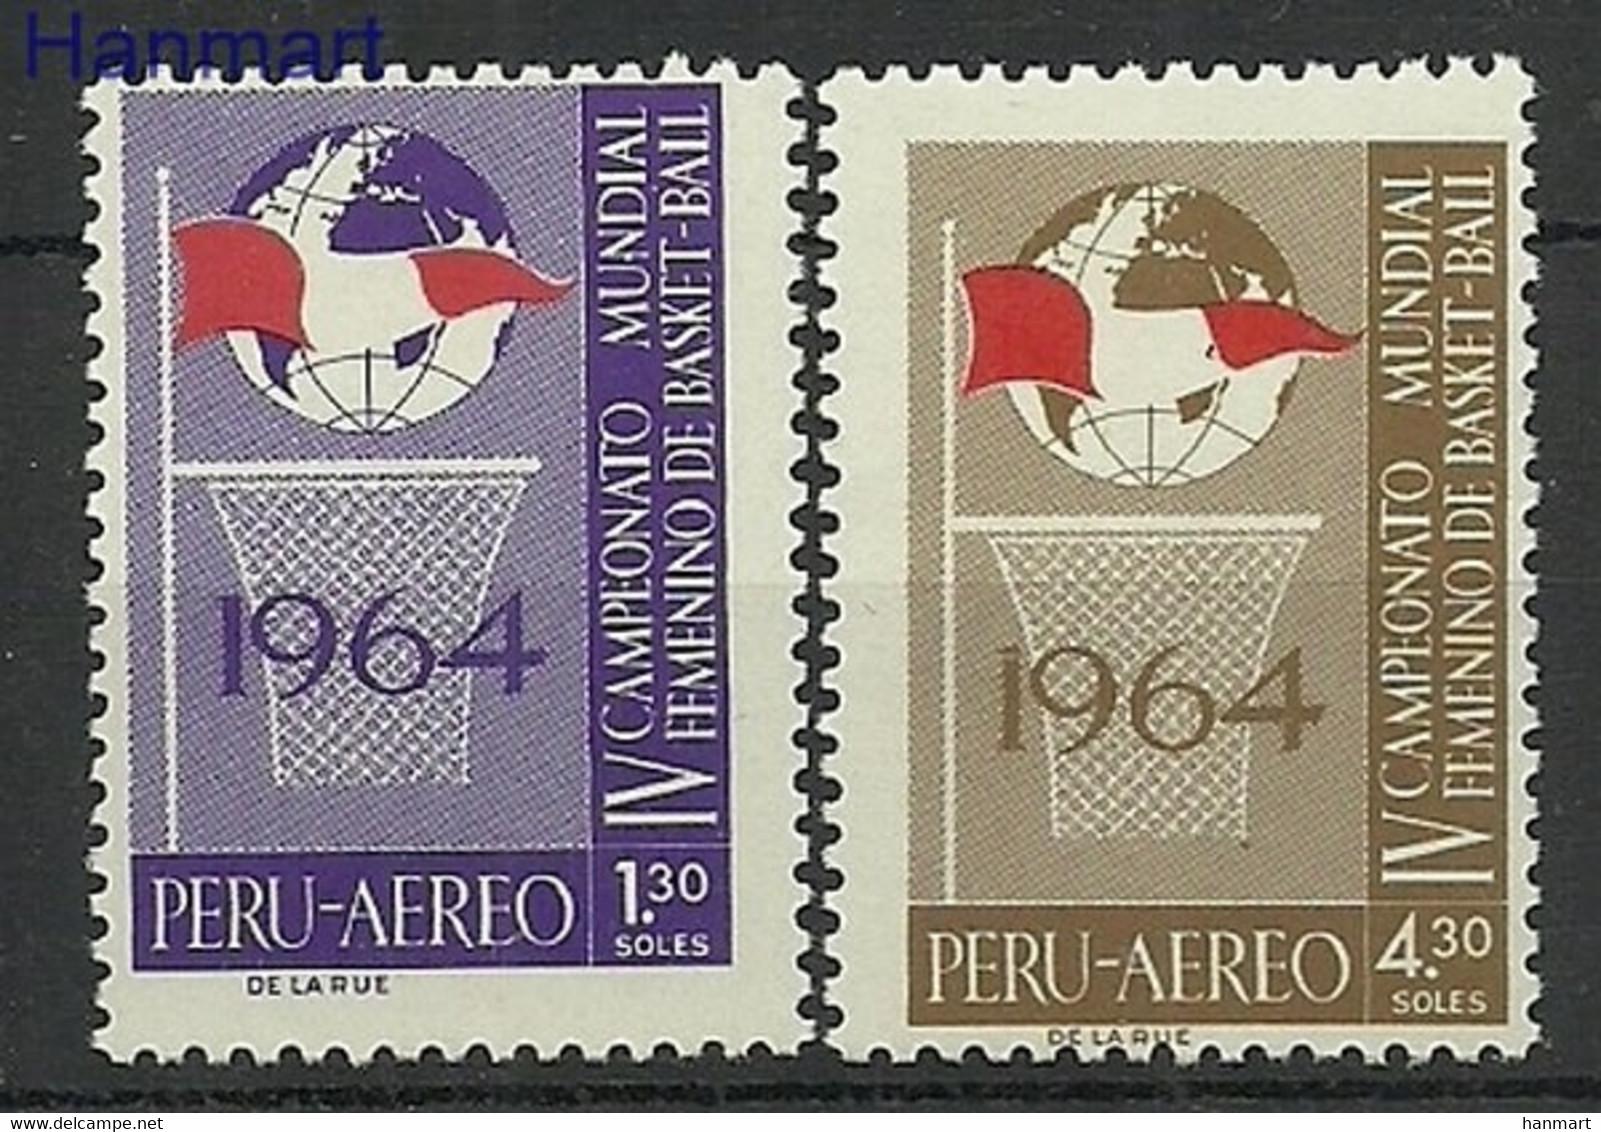 Peru 1965 Mi 645-646 Postfrisch  - Basketball